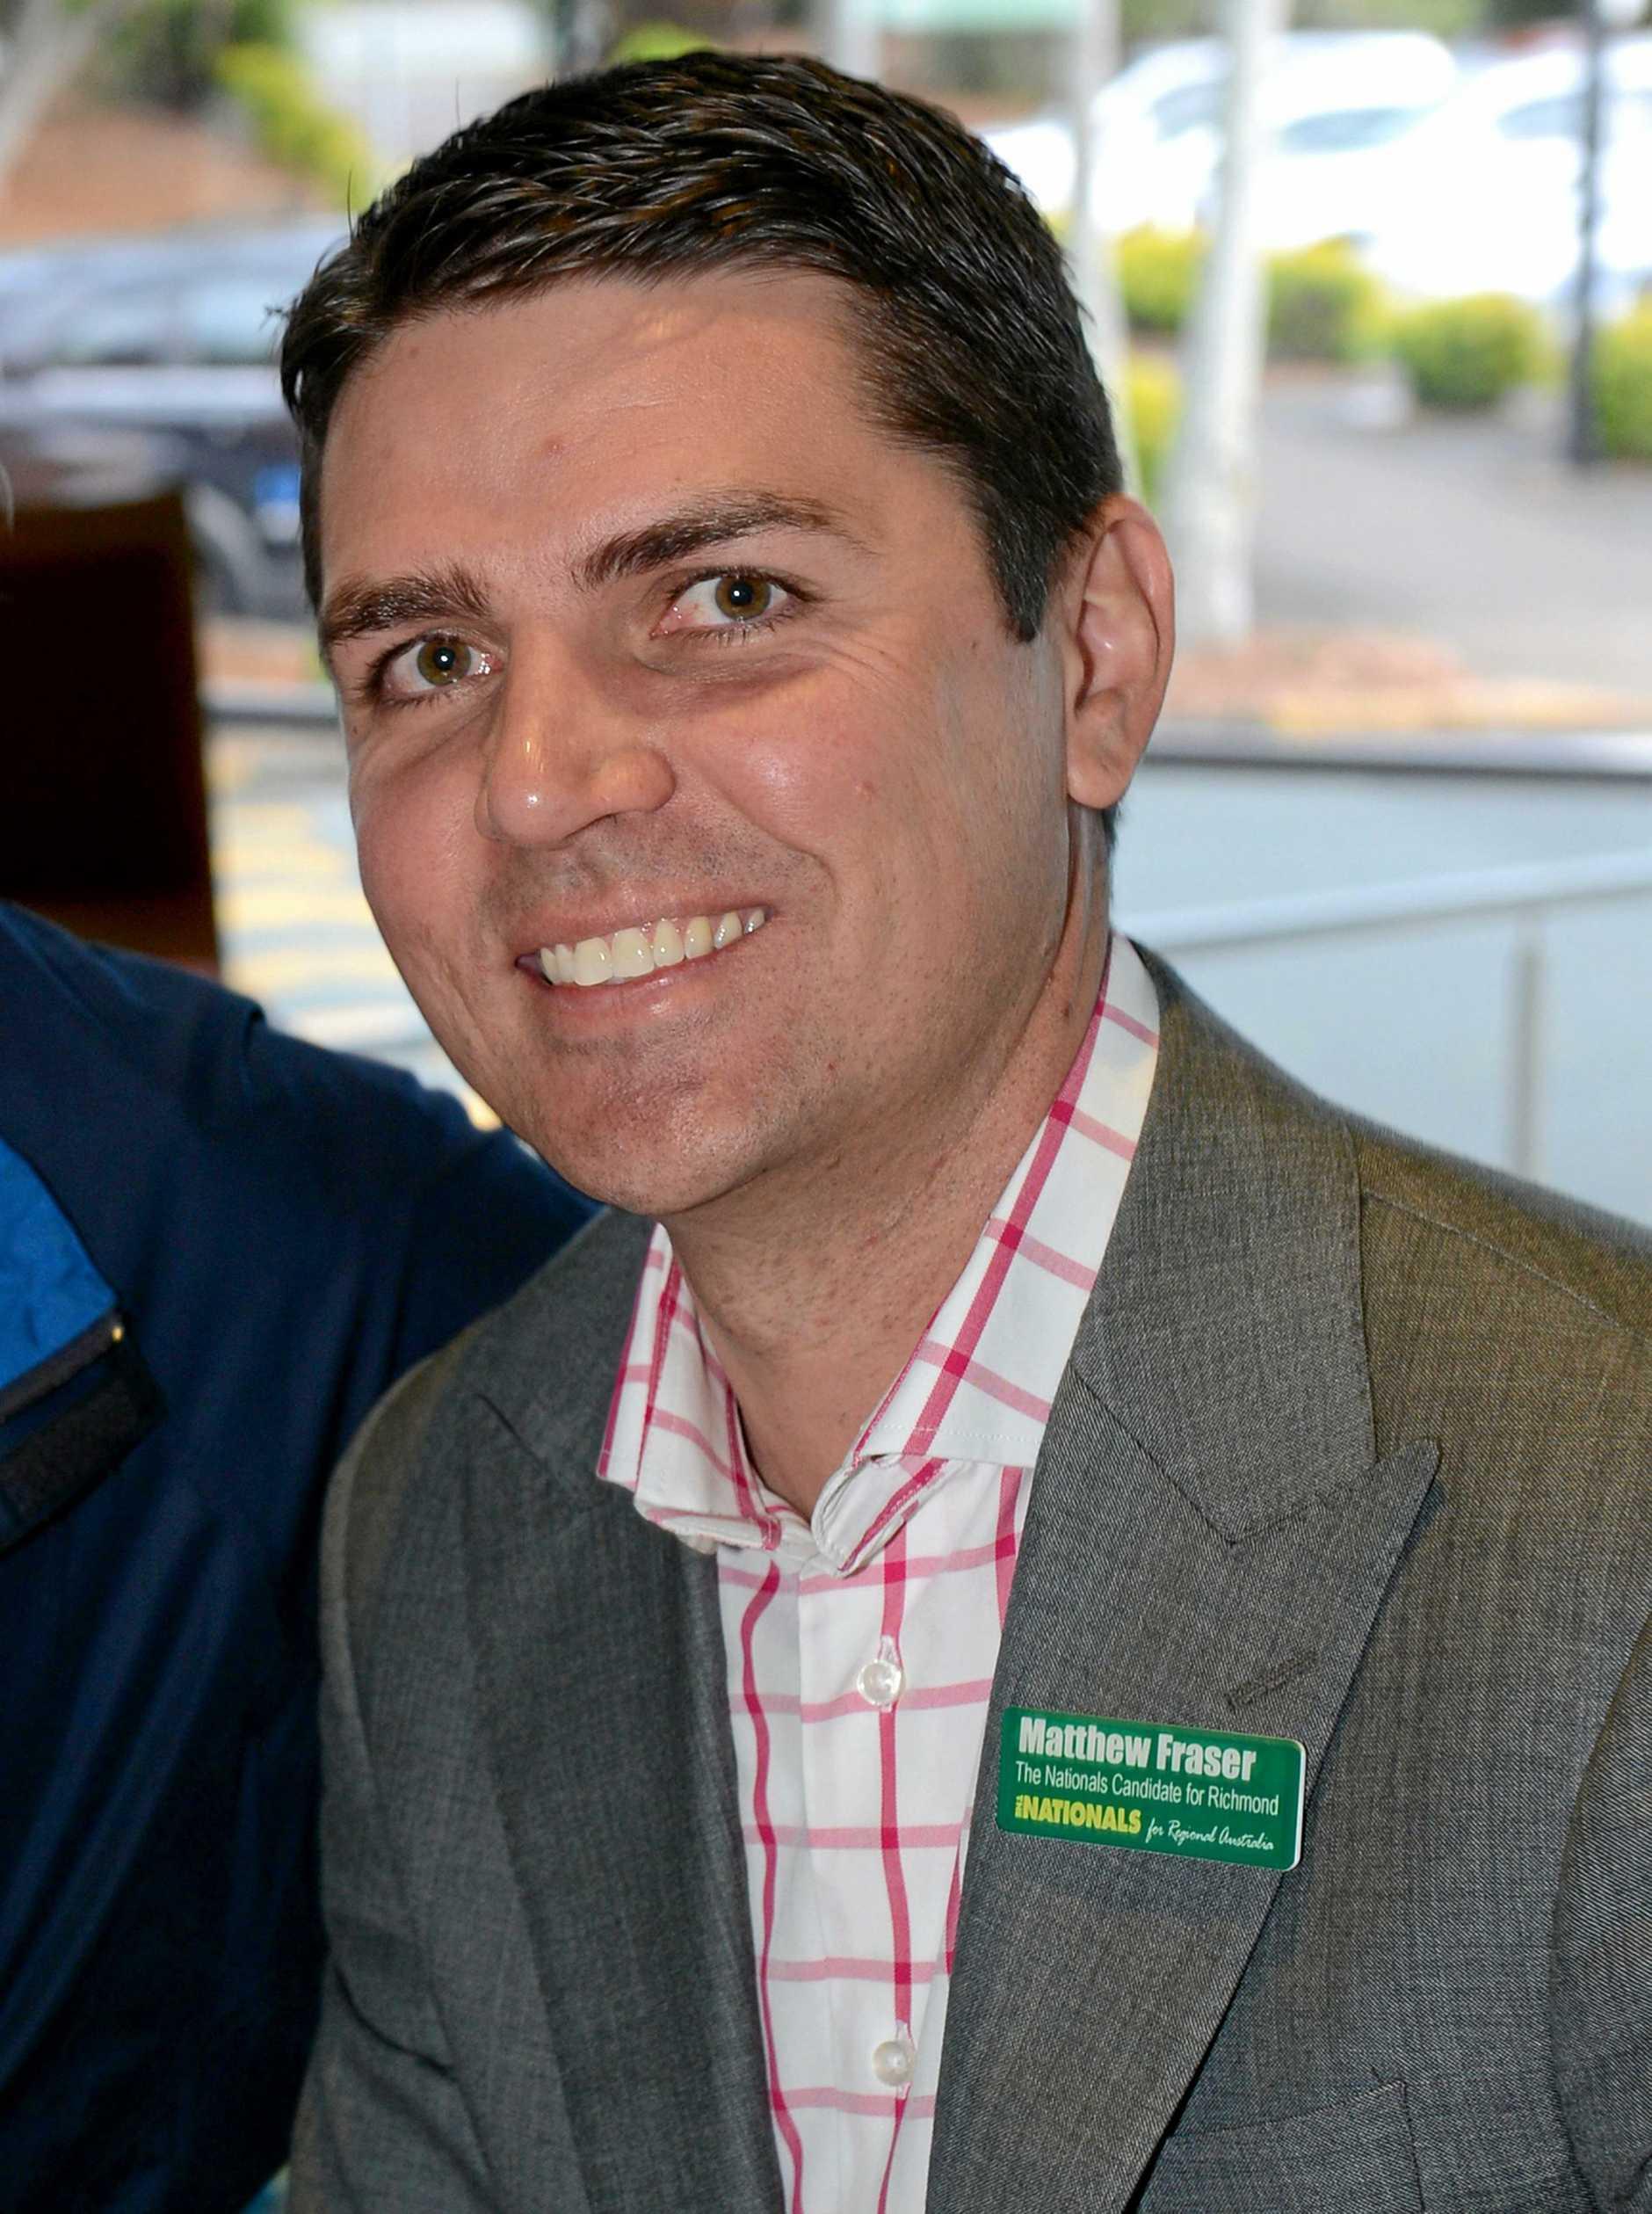 Former Nationals candidate Matthew Fraser. Photo: John Gass / Daily News